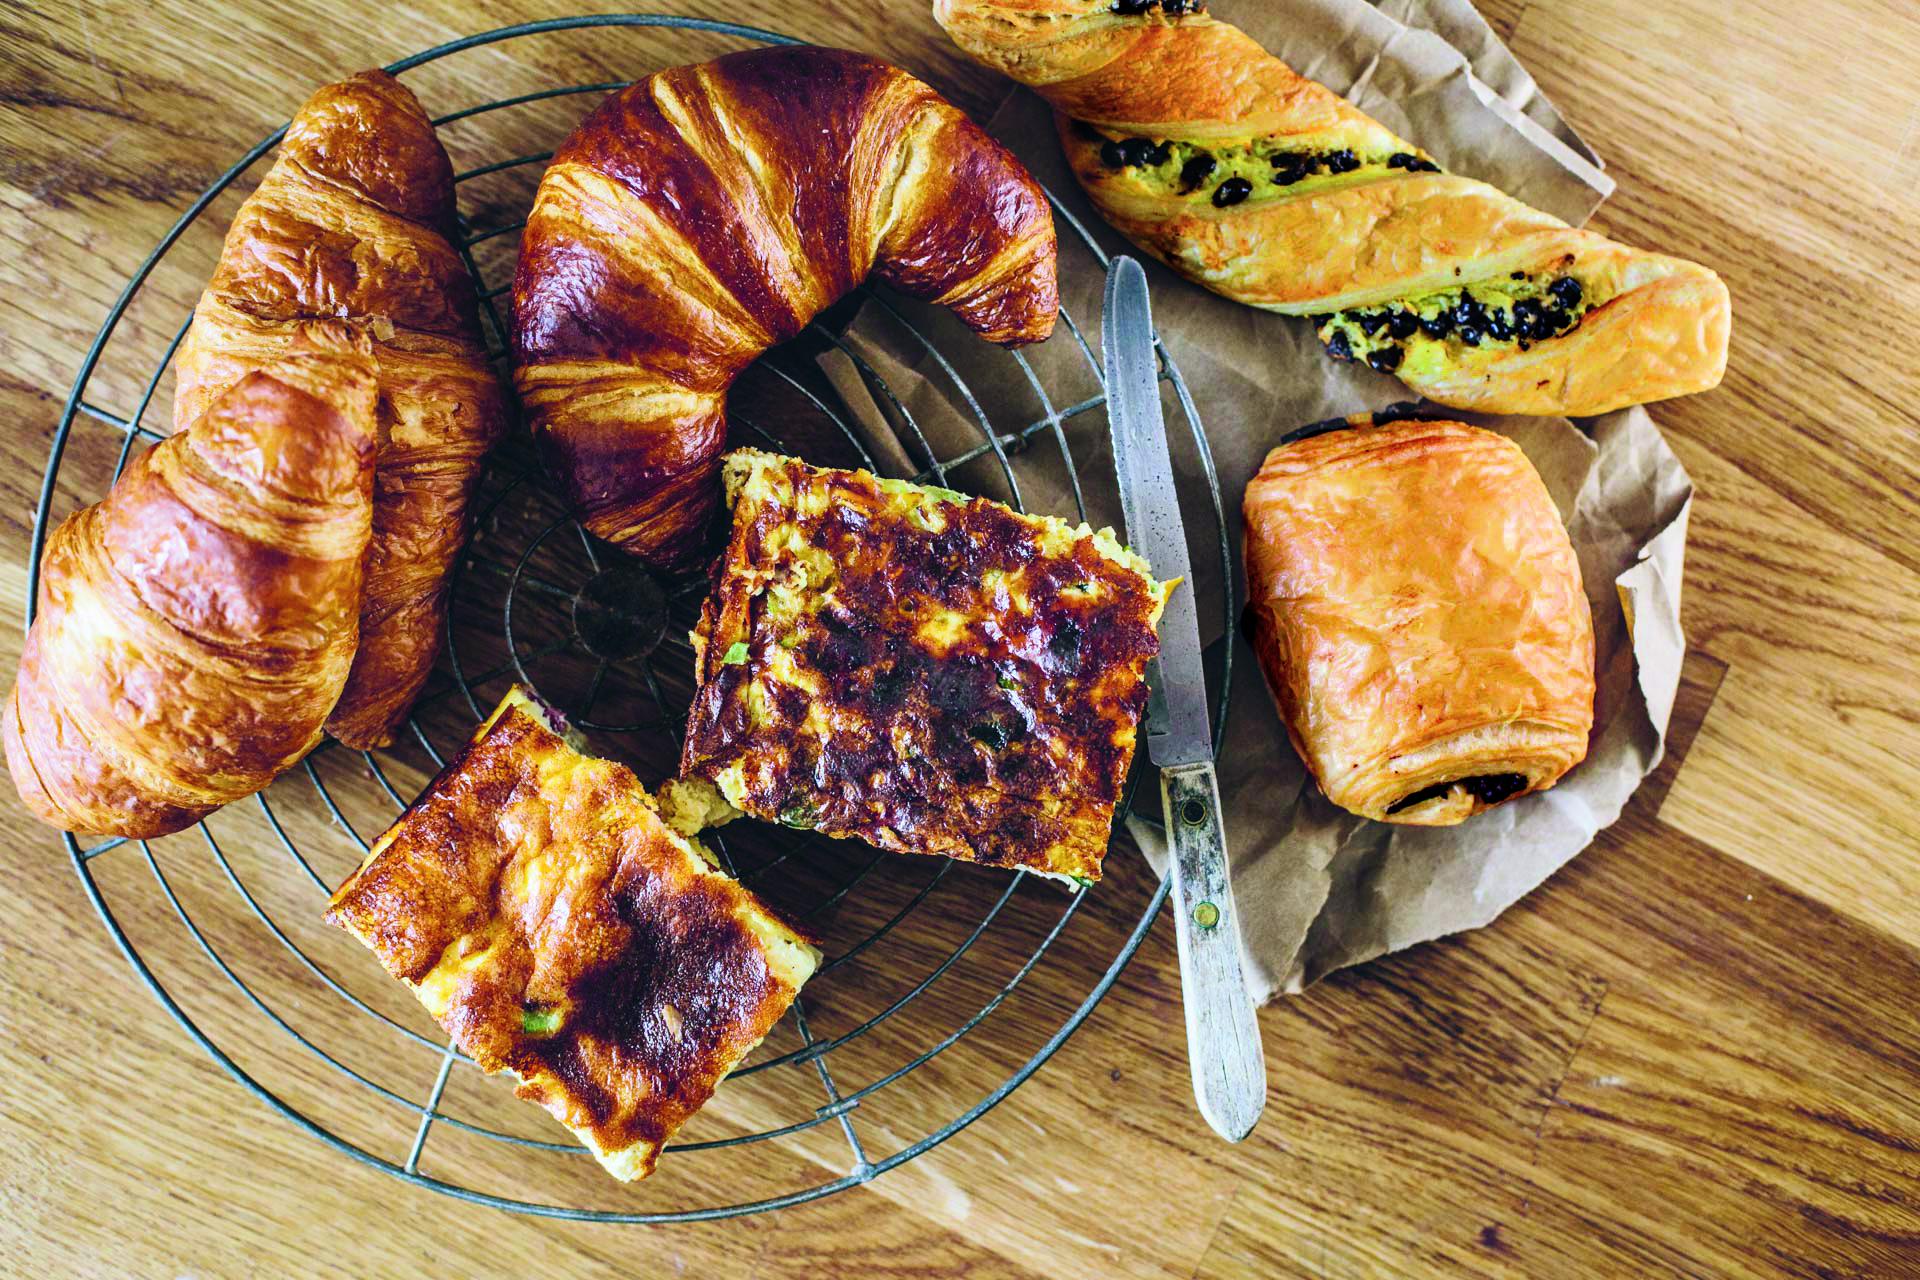 Coucou Food Market - französische Bäckerei